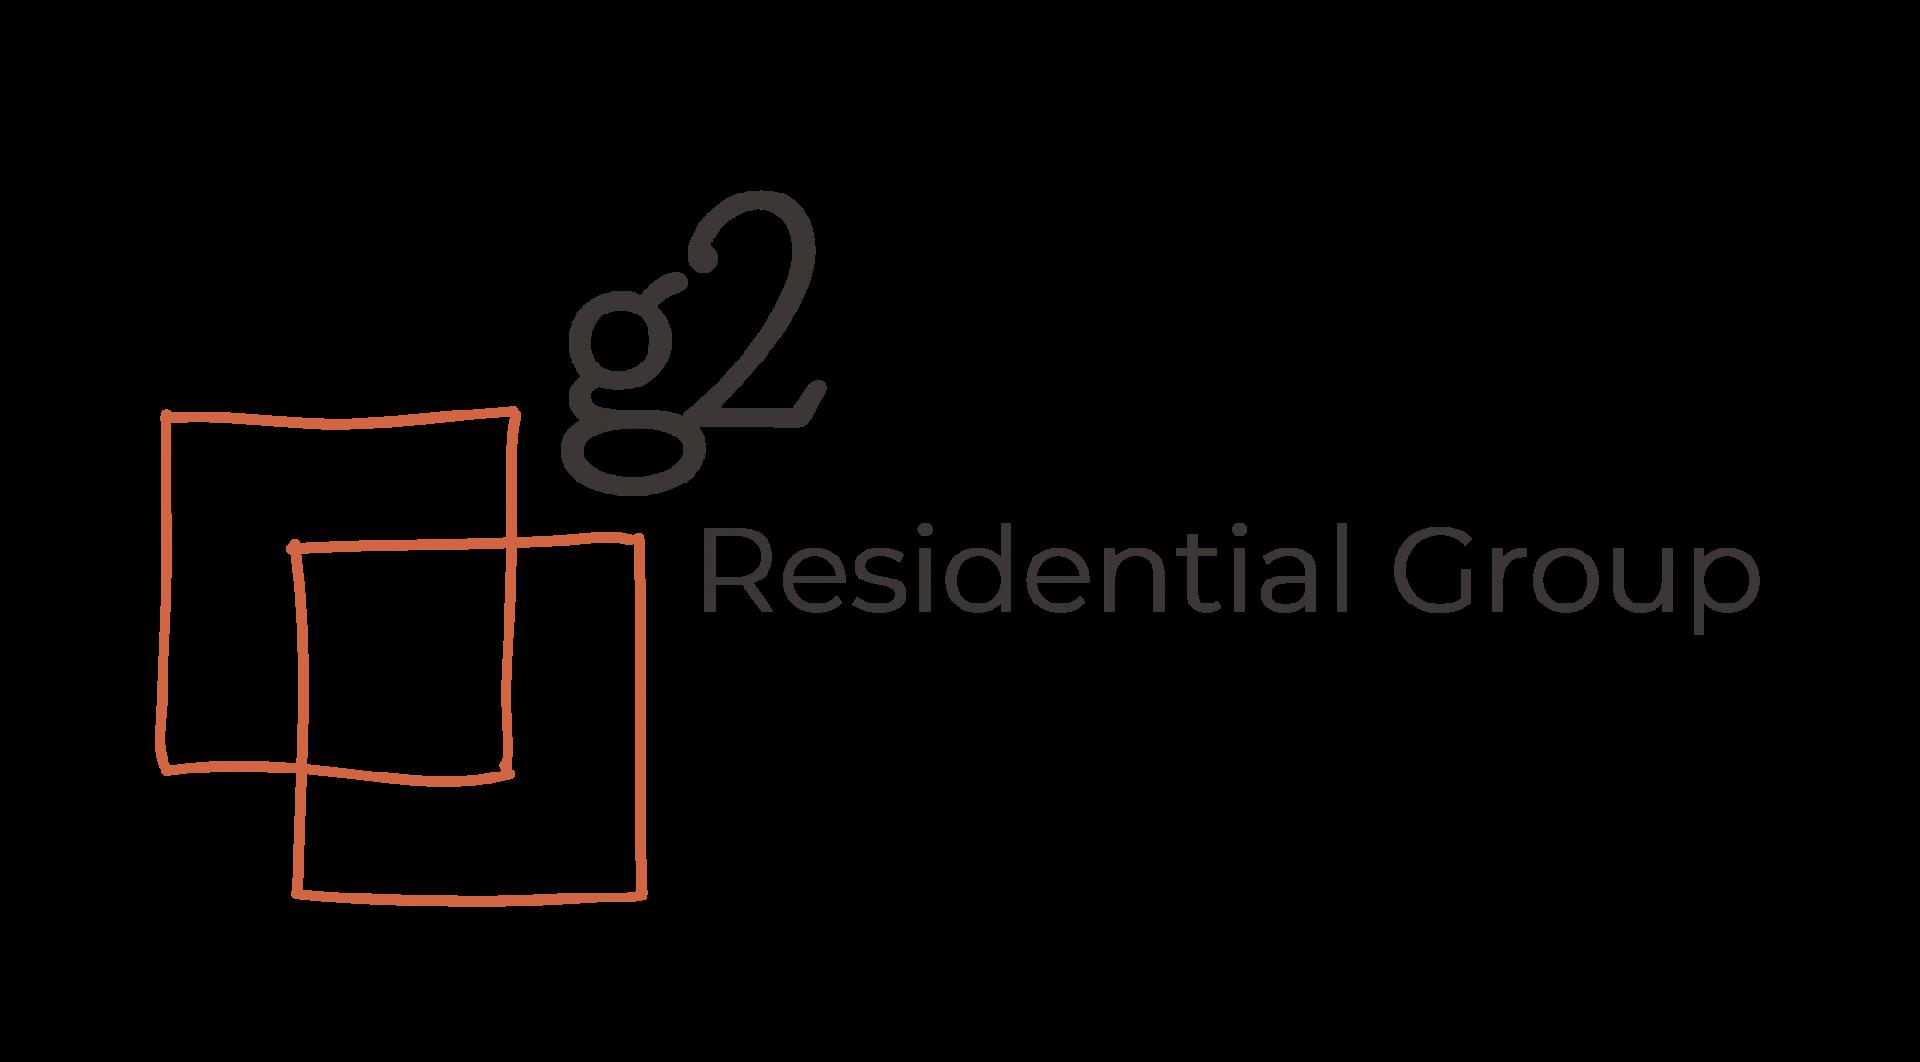 g2 Residential Group logo